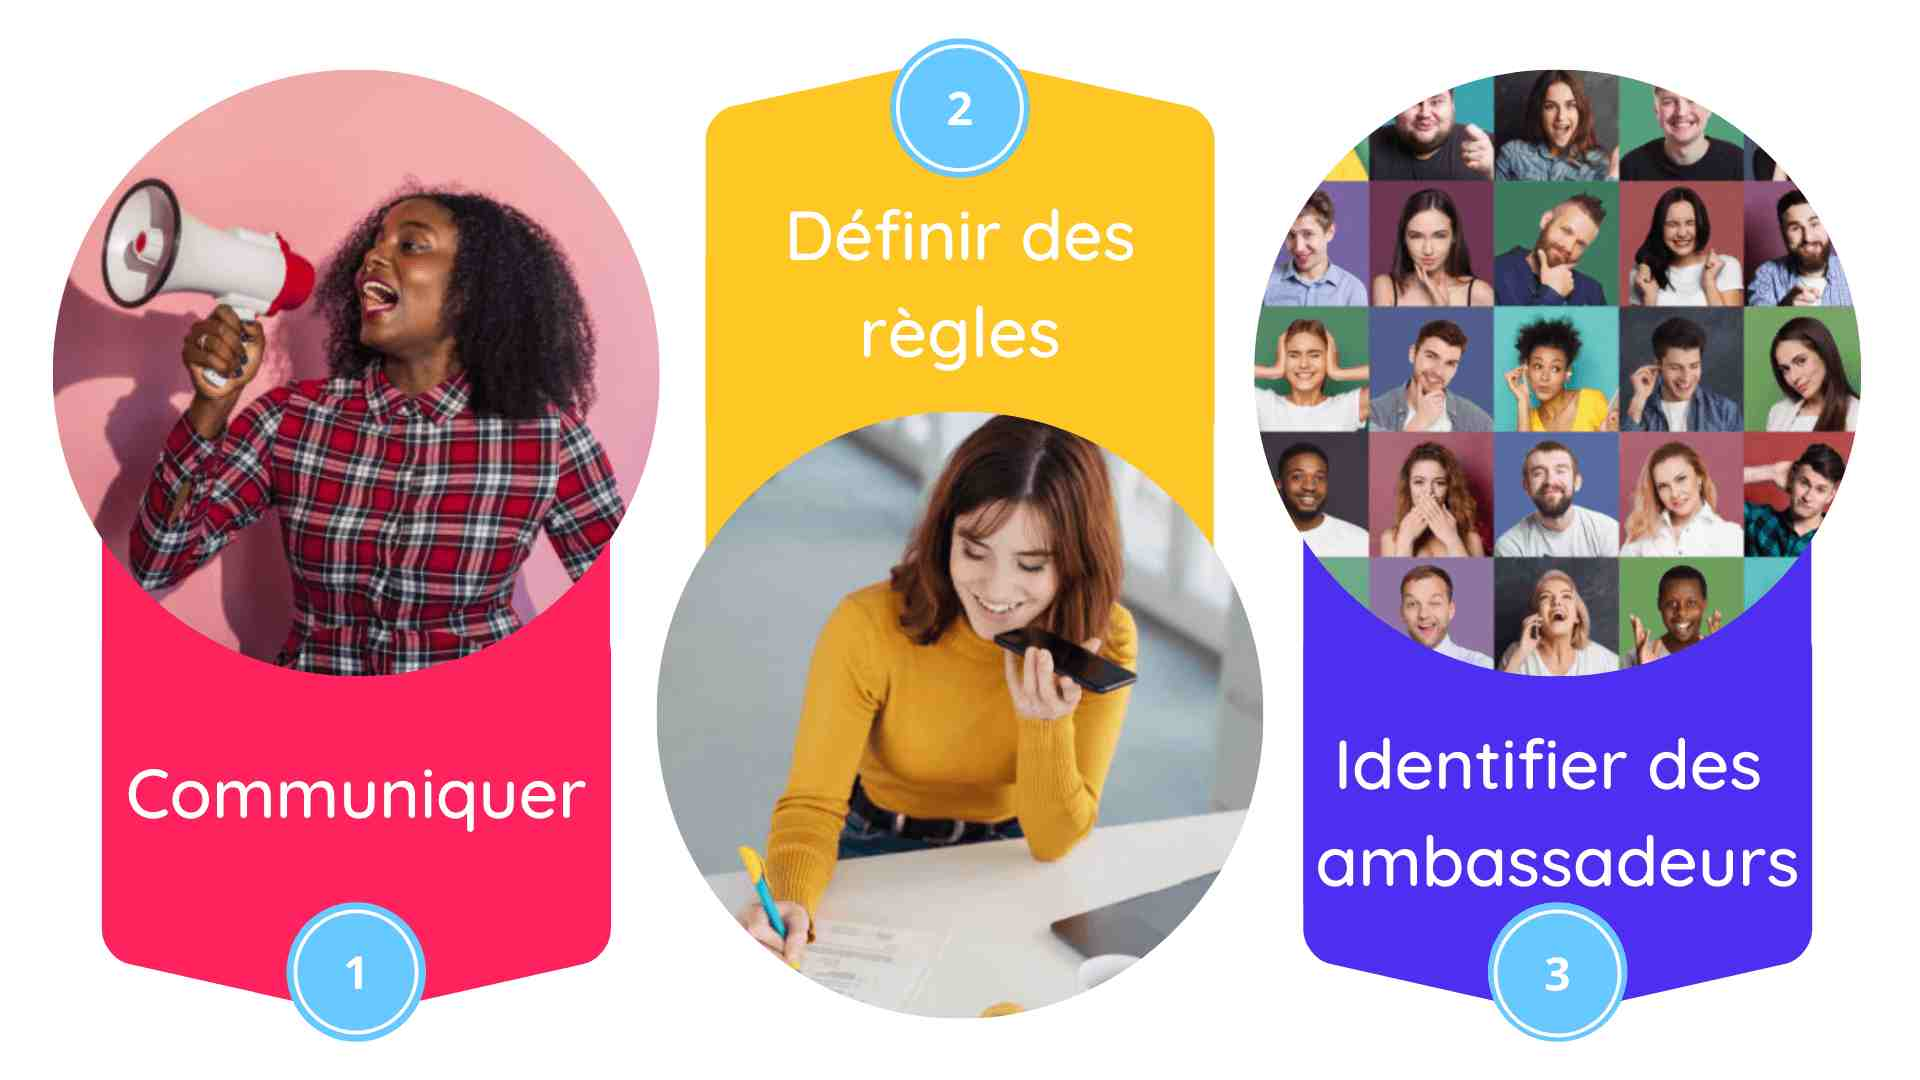 Pour optimiser le lancement de votre plateforme : communiquez, définissez des règles de gouvernance et identifiez des ambassadeurs